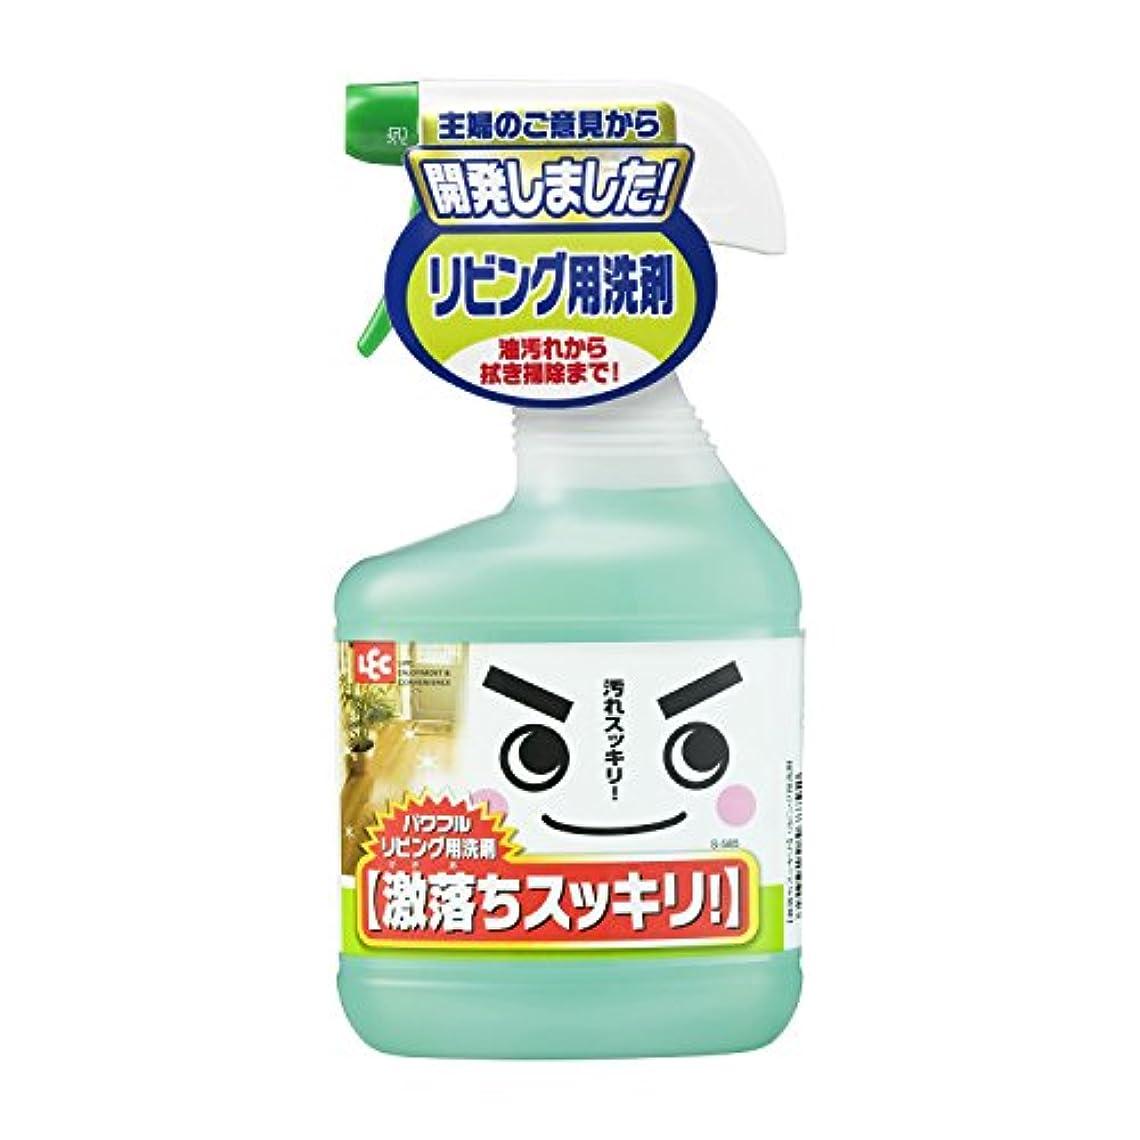 アヒル規範溶けるレック 激落ち スッキリ!   リビング用 洗剤 ( リビング )